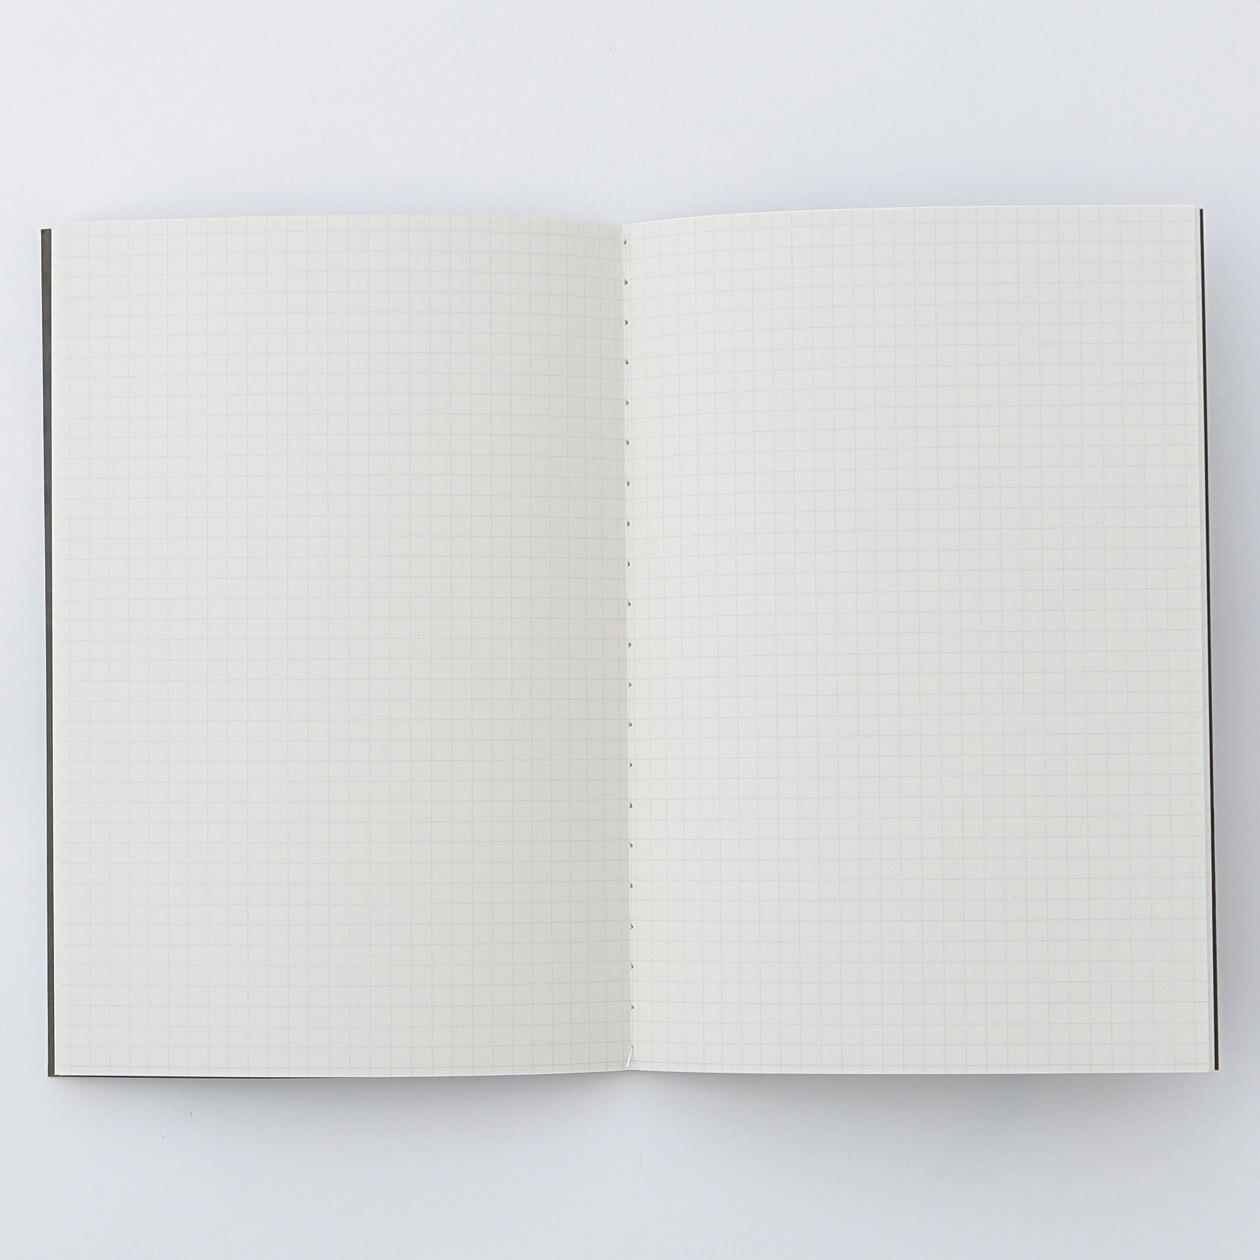 無印良品の「裏うつりしにくいダブルリングノート」は万年筆で心地よく書けるノートだと思う。